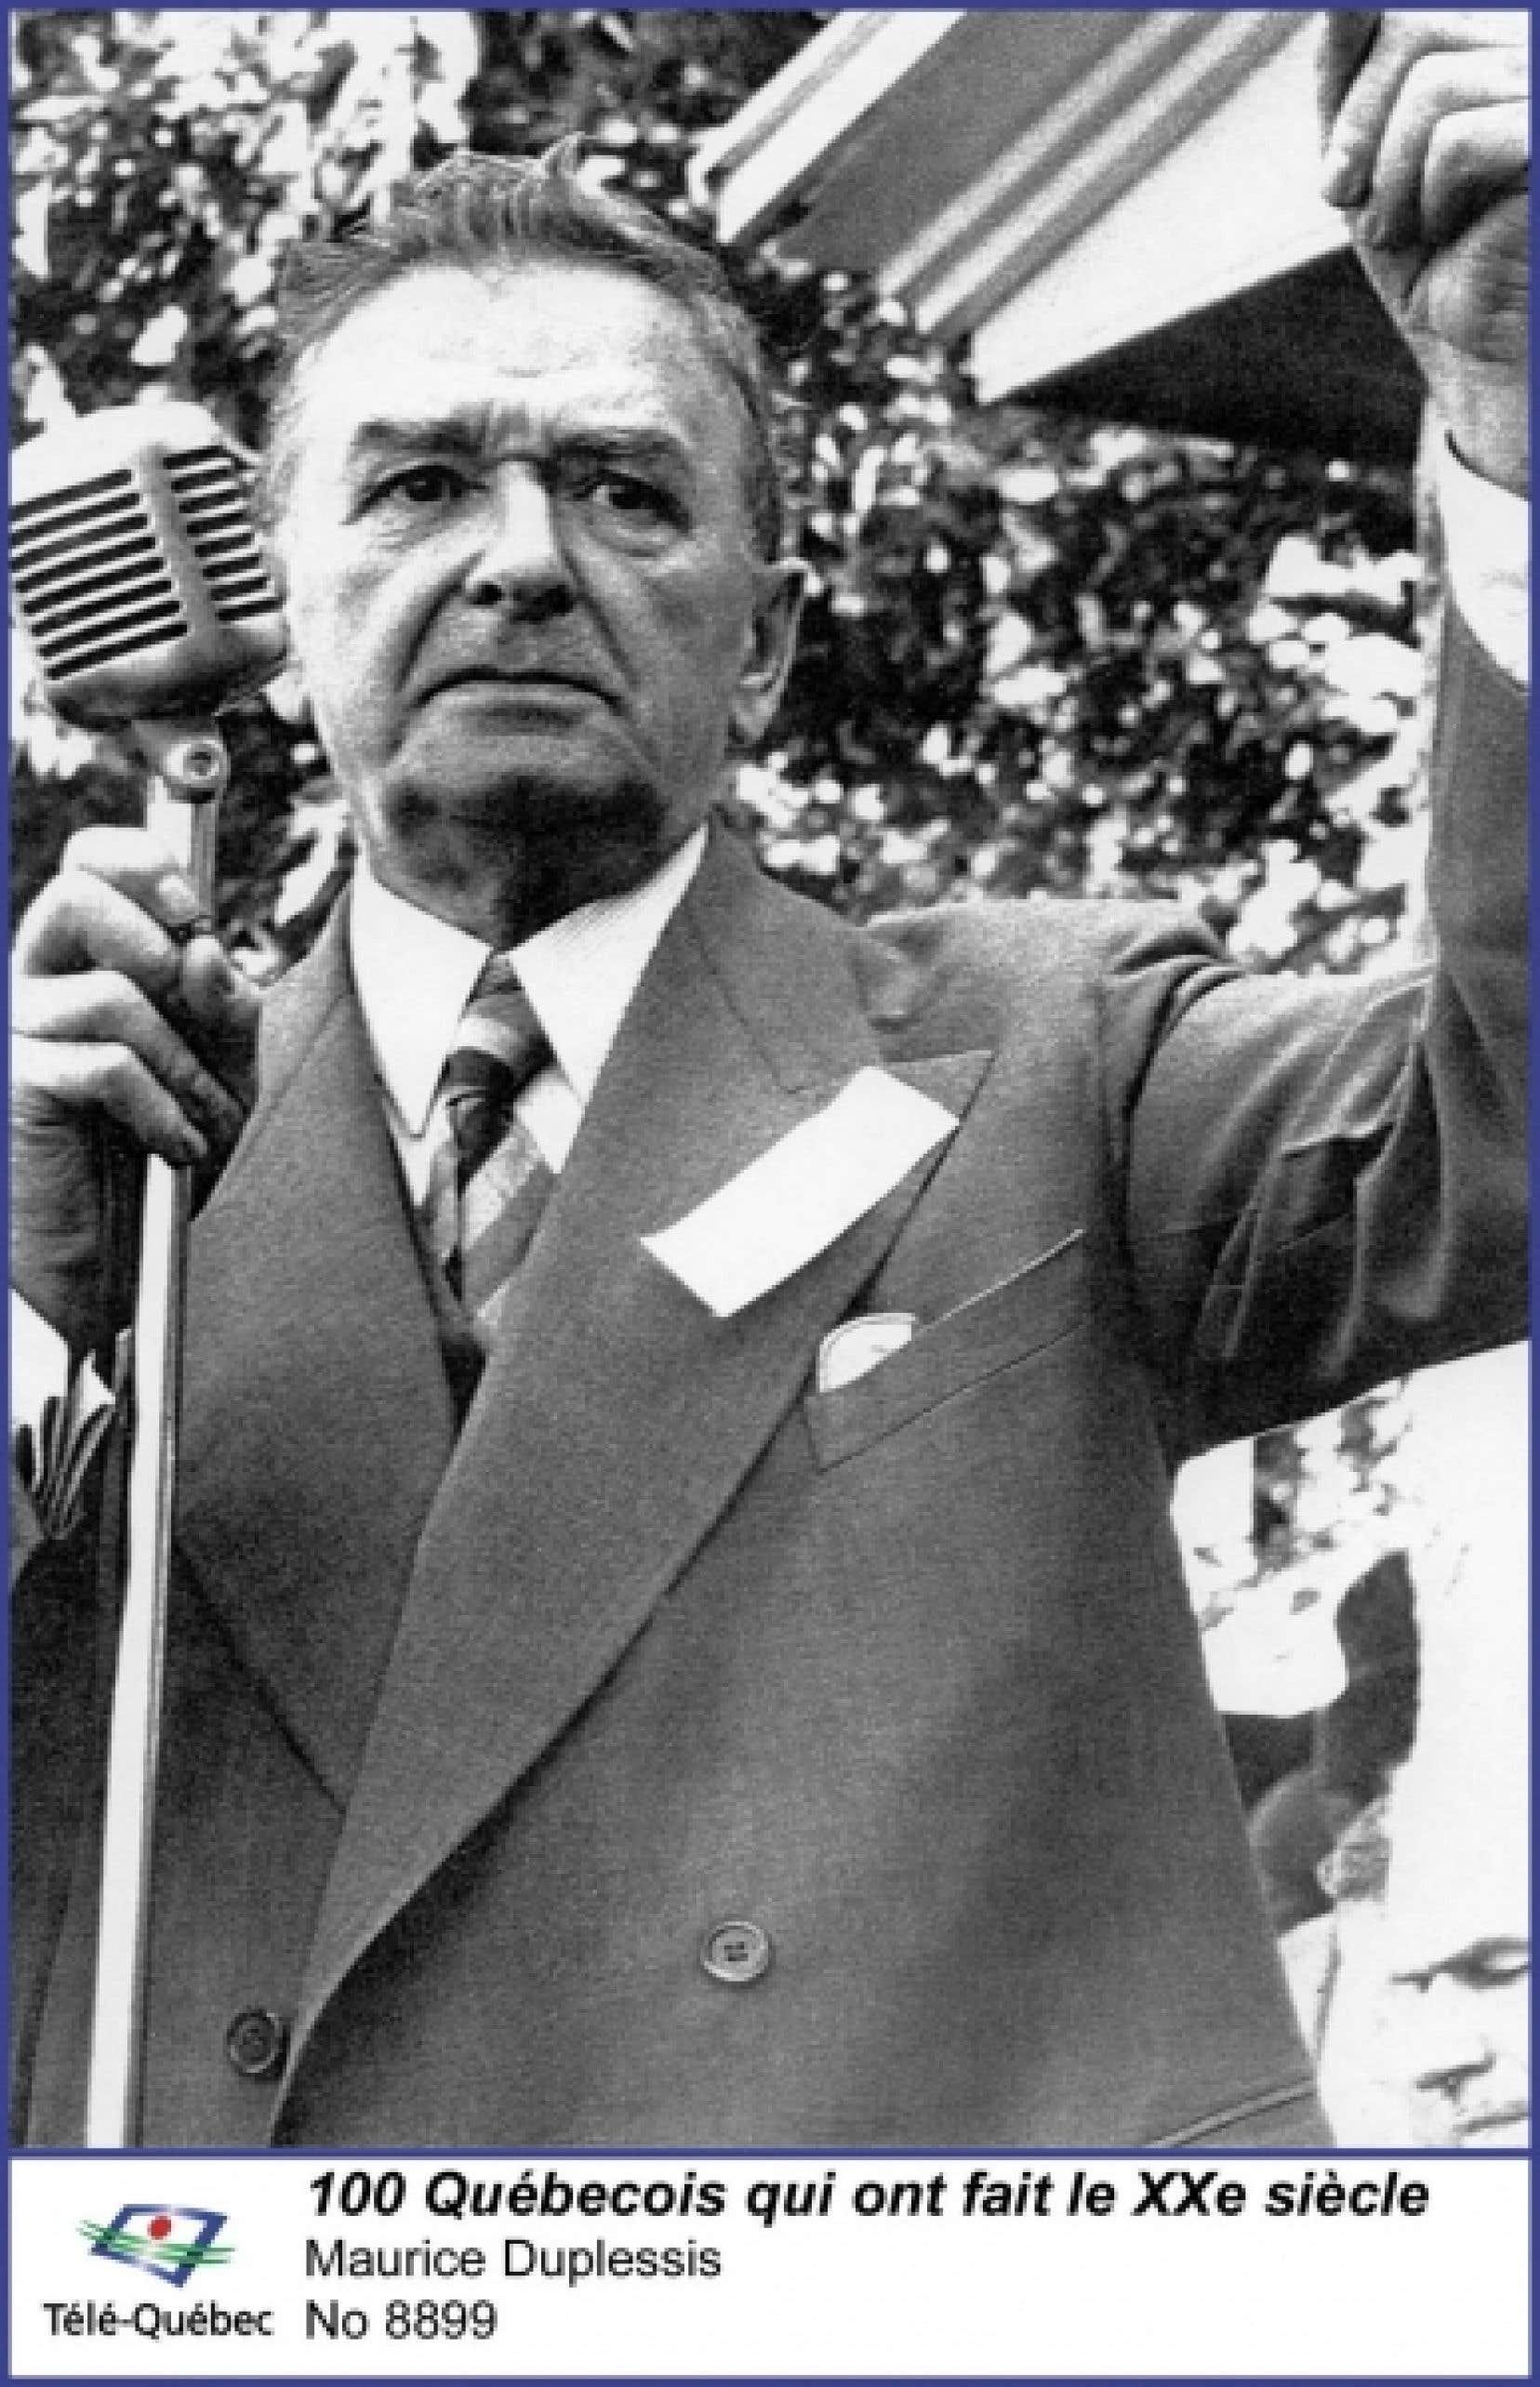 Le conflit entre Maurice Duplessis et les médias, Le Devoir en particulier, s'inscrit dans une époque où les journalistes repensent leur métier et où certains pionniers, comme Pierre Laporte, délaissent leur rôle de courroie de transmission pour celui de critique du gouvernement.